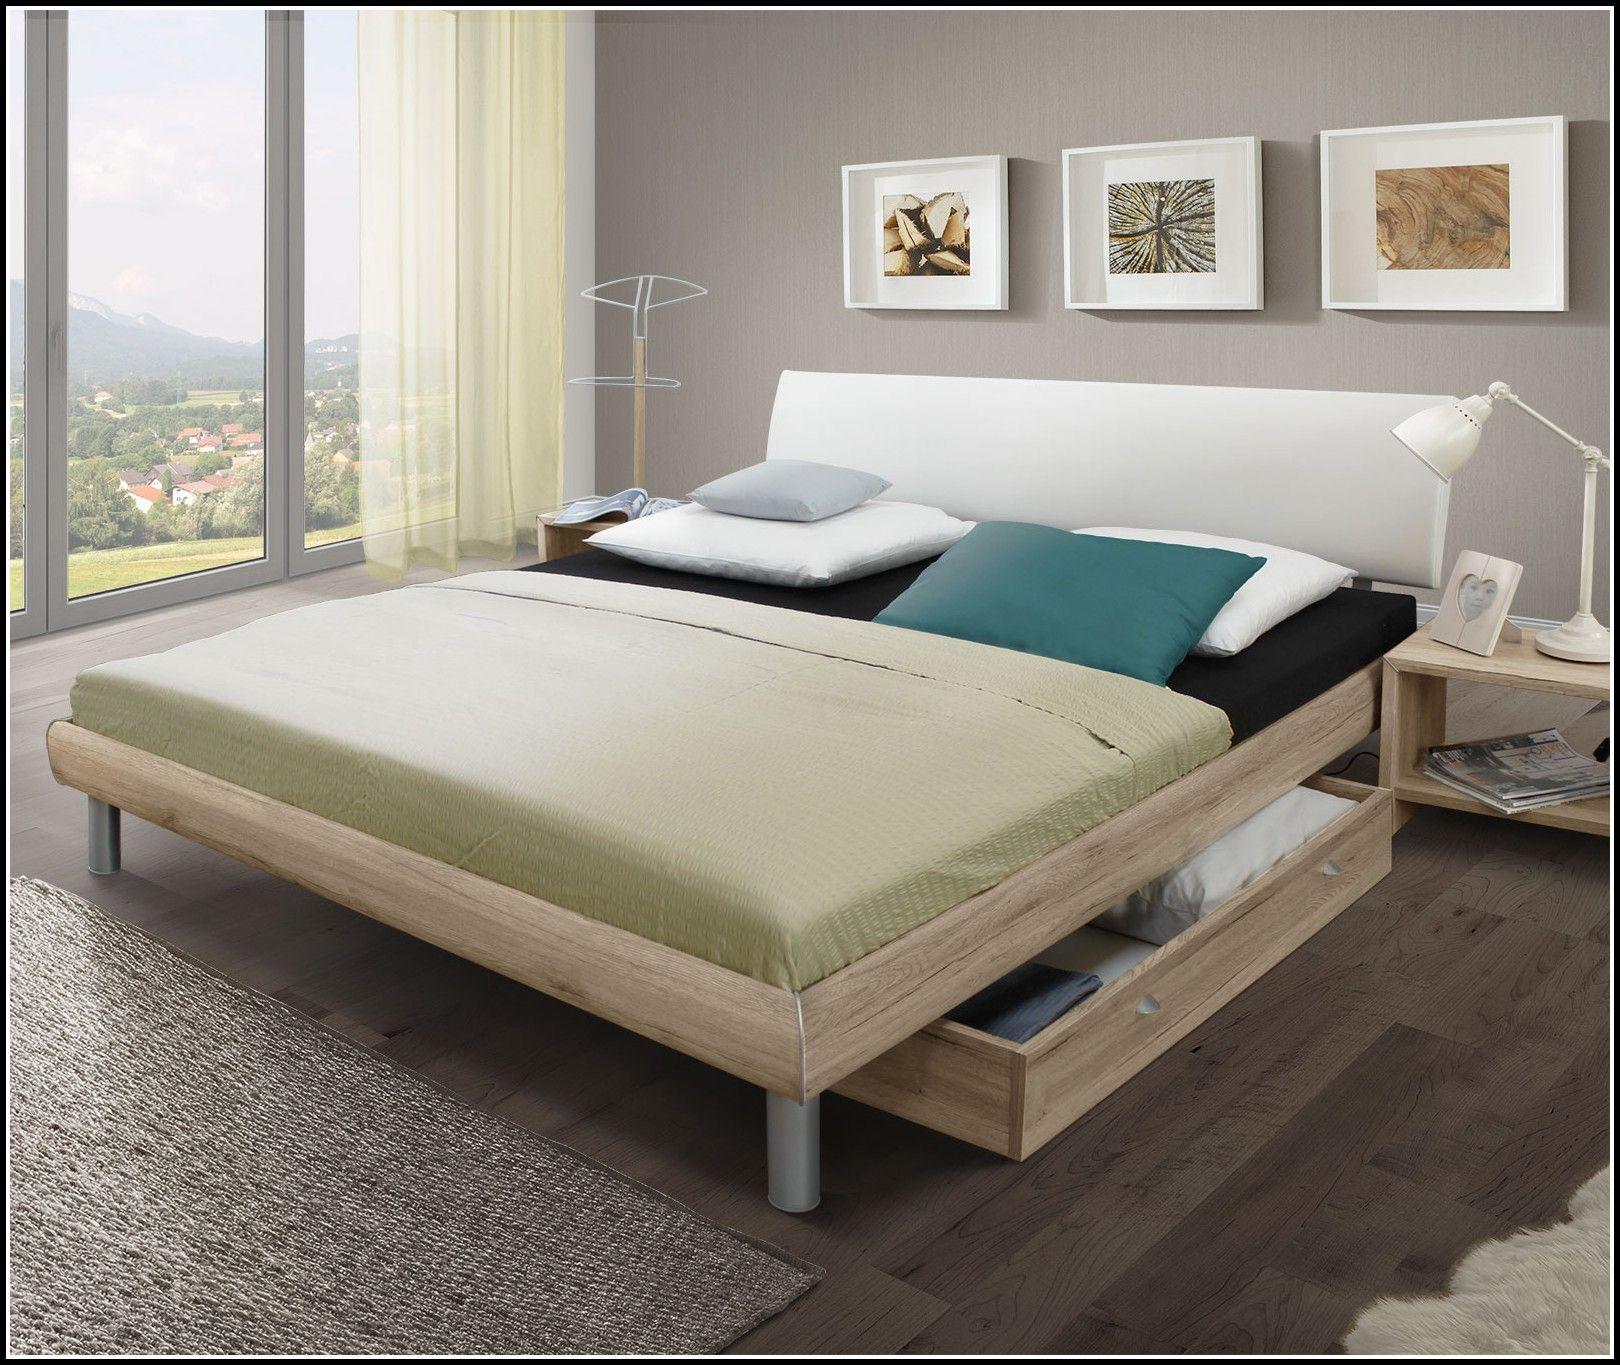 7552 Bett 180x200 Mit Matratze Und Lattenrost Gebraucht